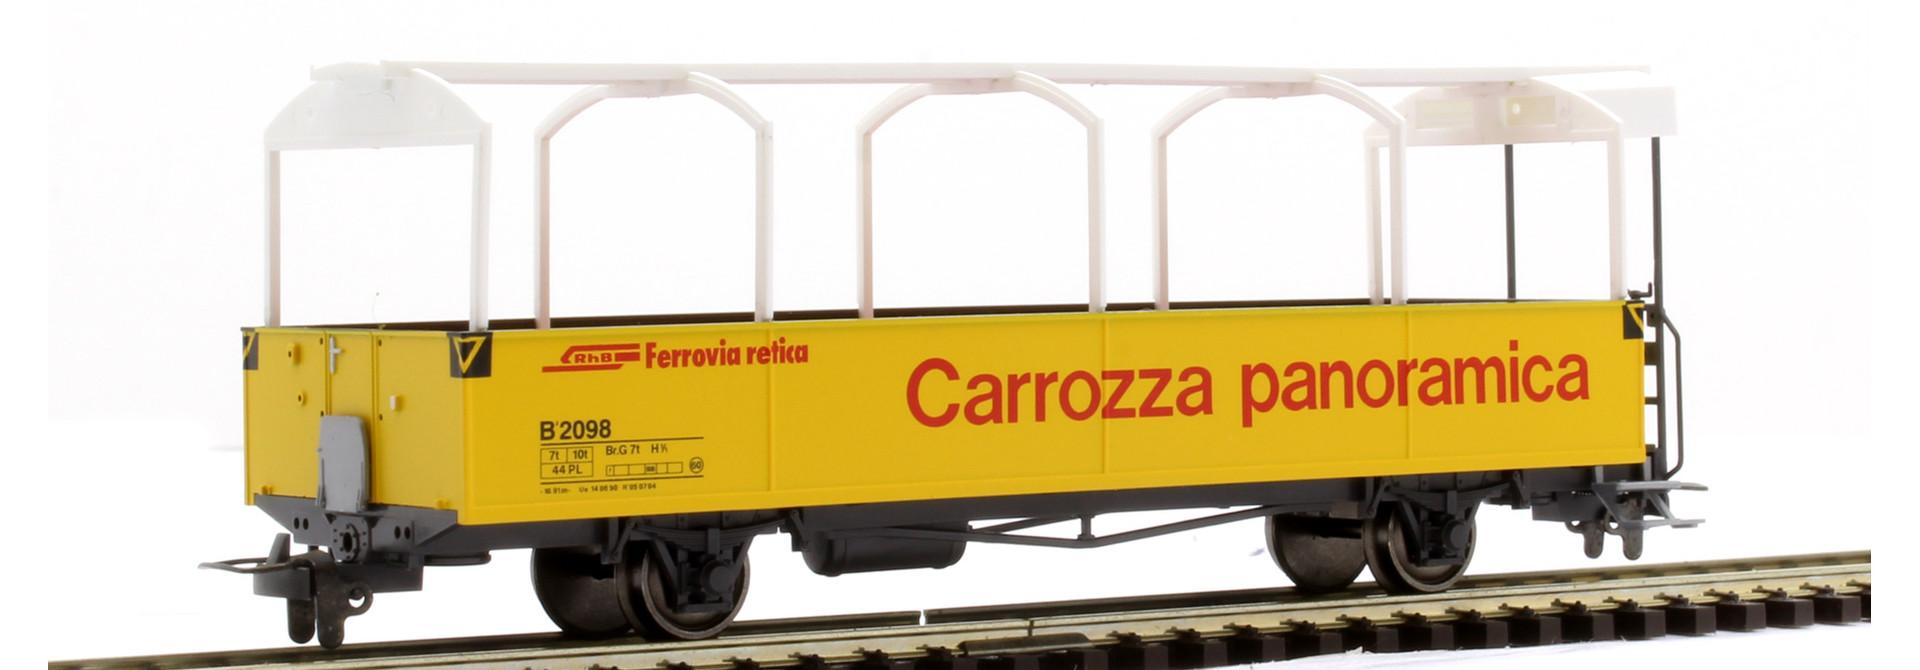 3280113 RhB B 2098 offener Aussichtswagen